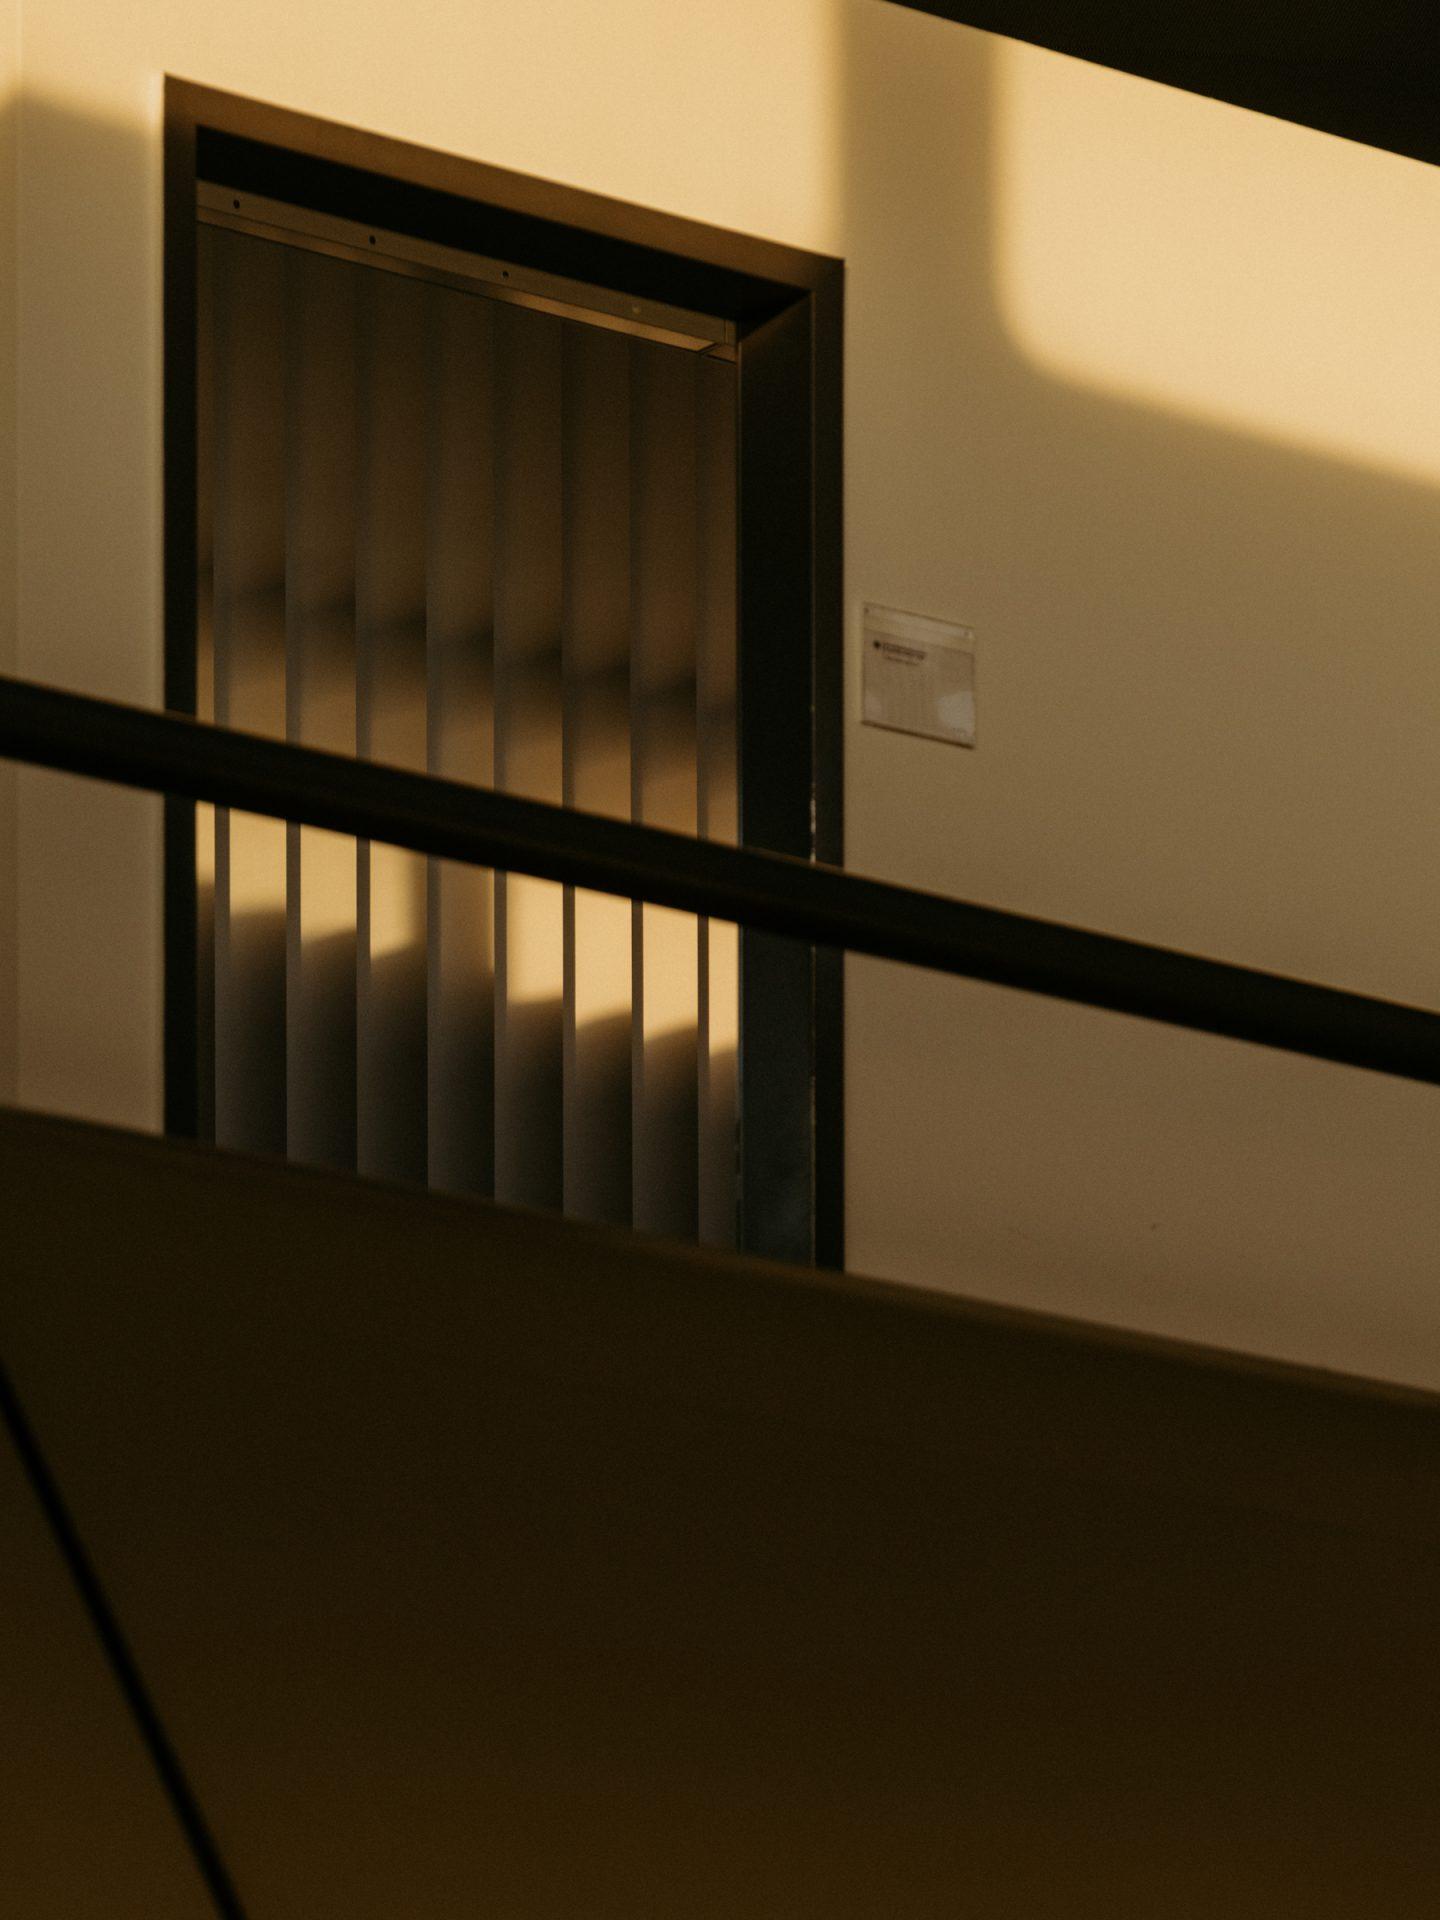 IGNANT-Photography-Flughafen-Tegel-Felix-Bruggemann-Robert-Rieger-04